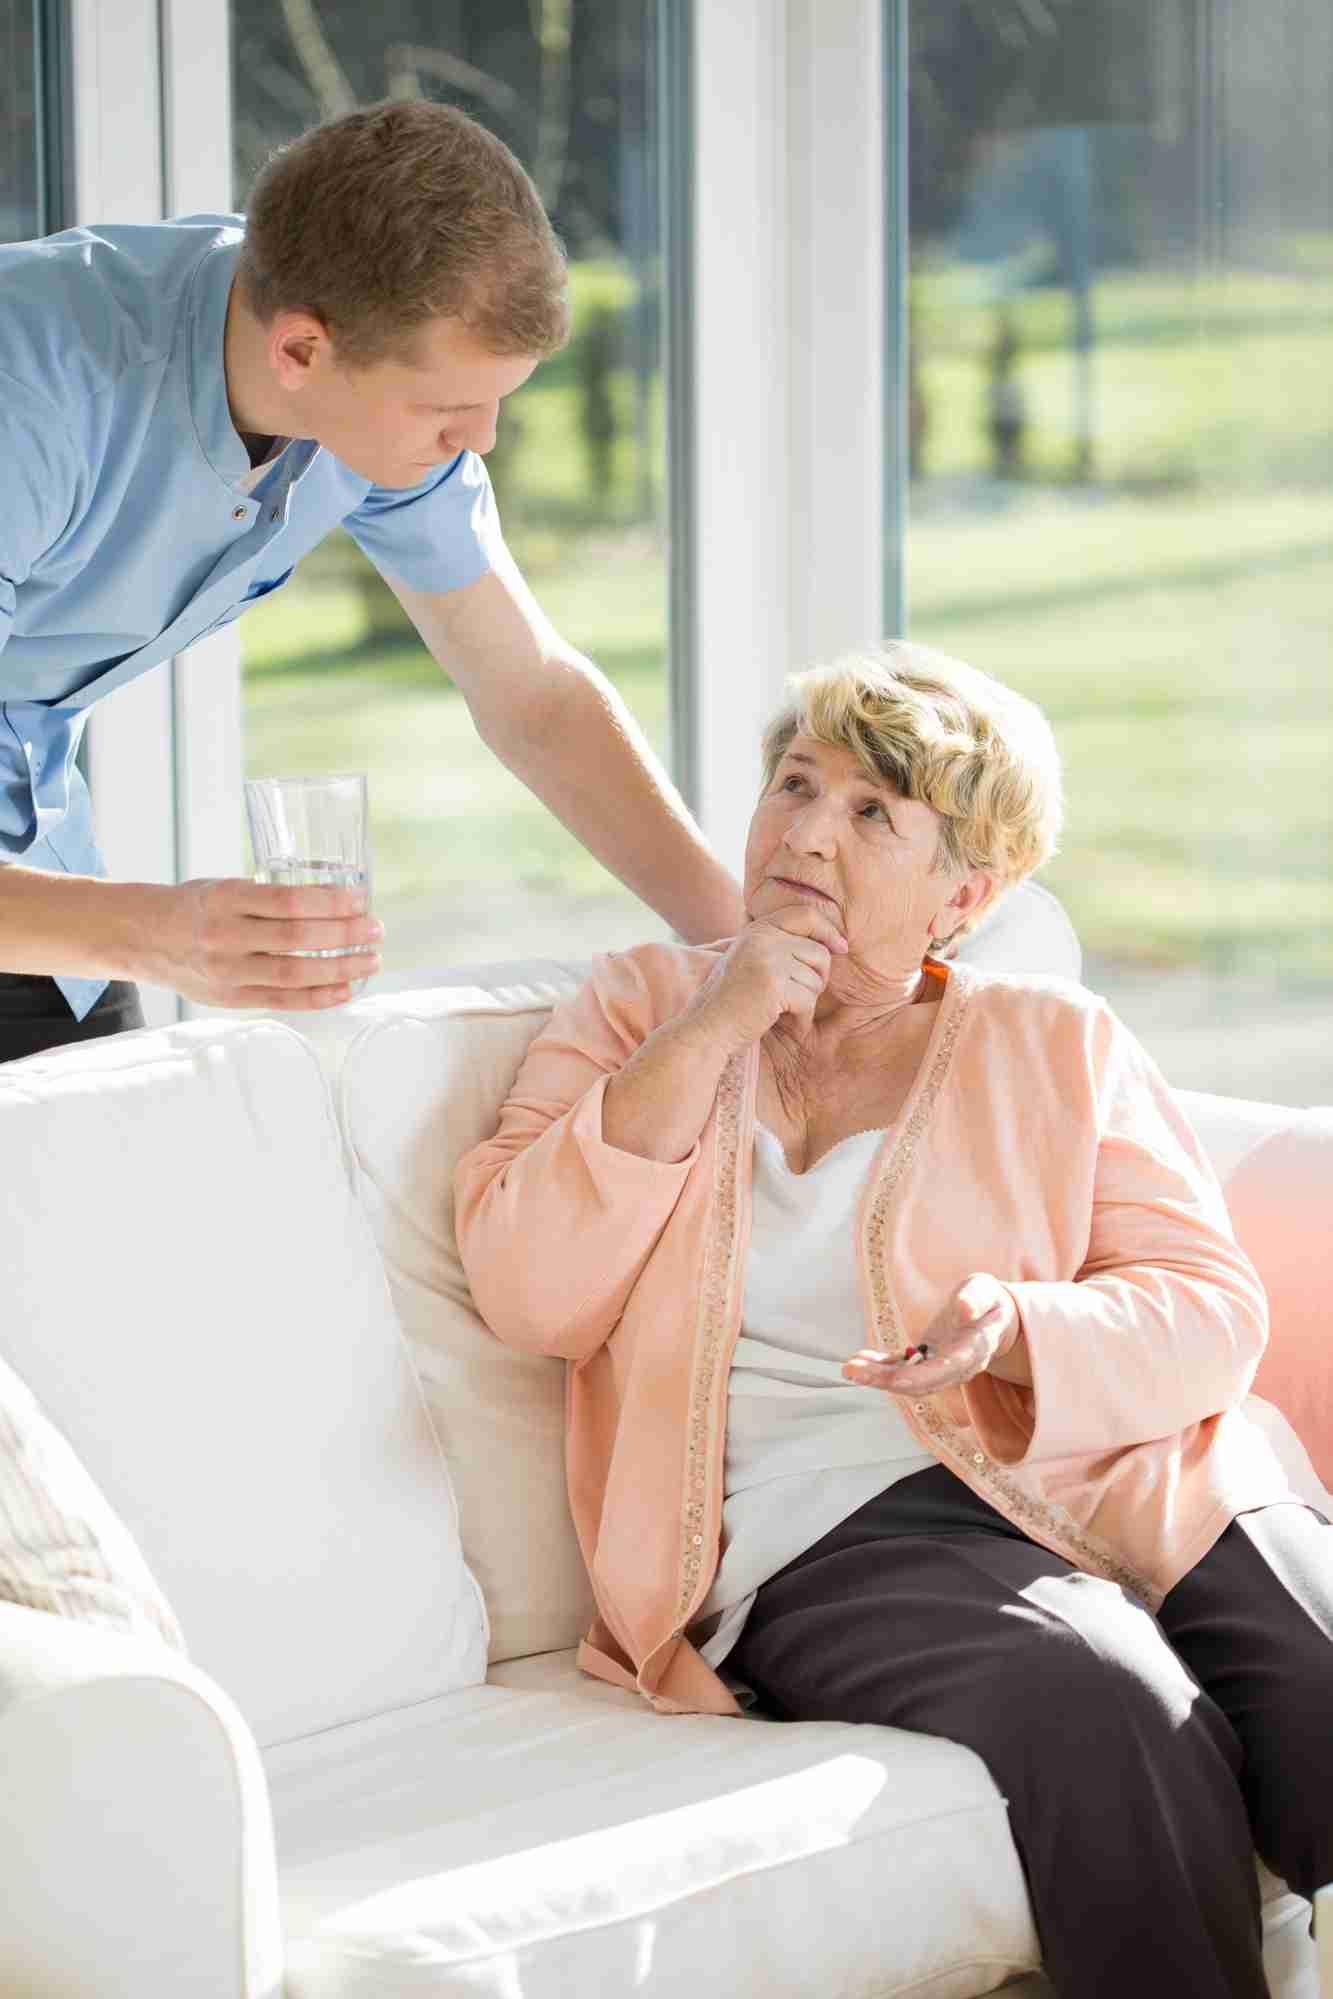 Servizi di sollievo cura della persona anziana.